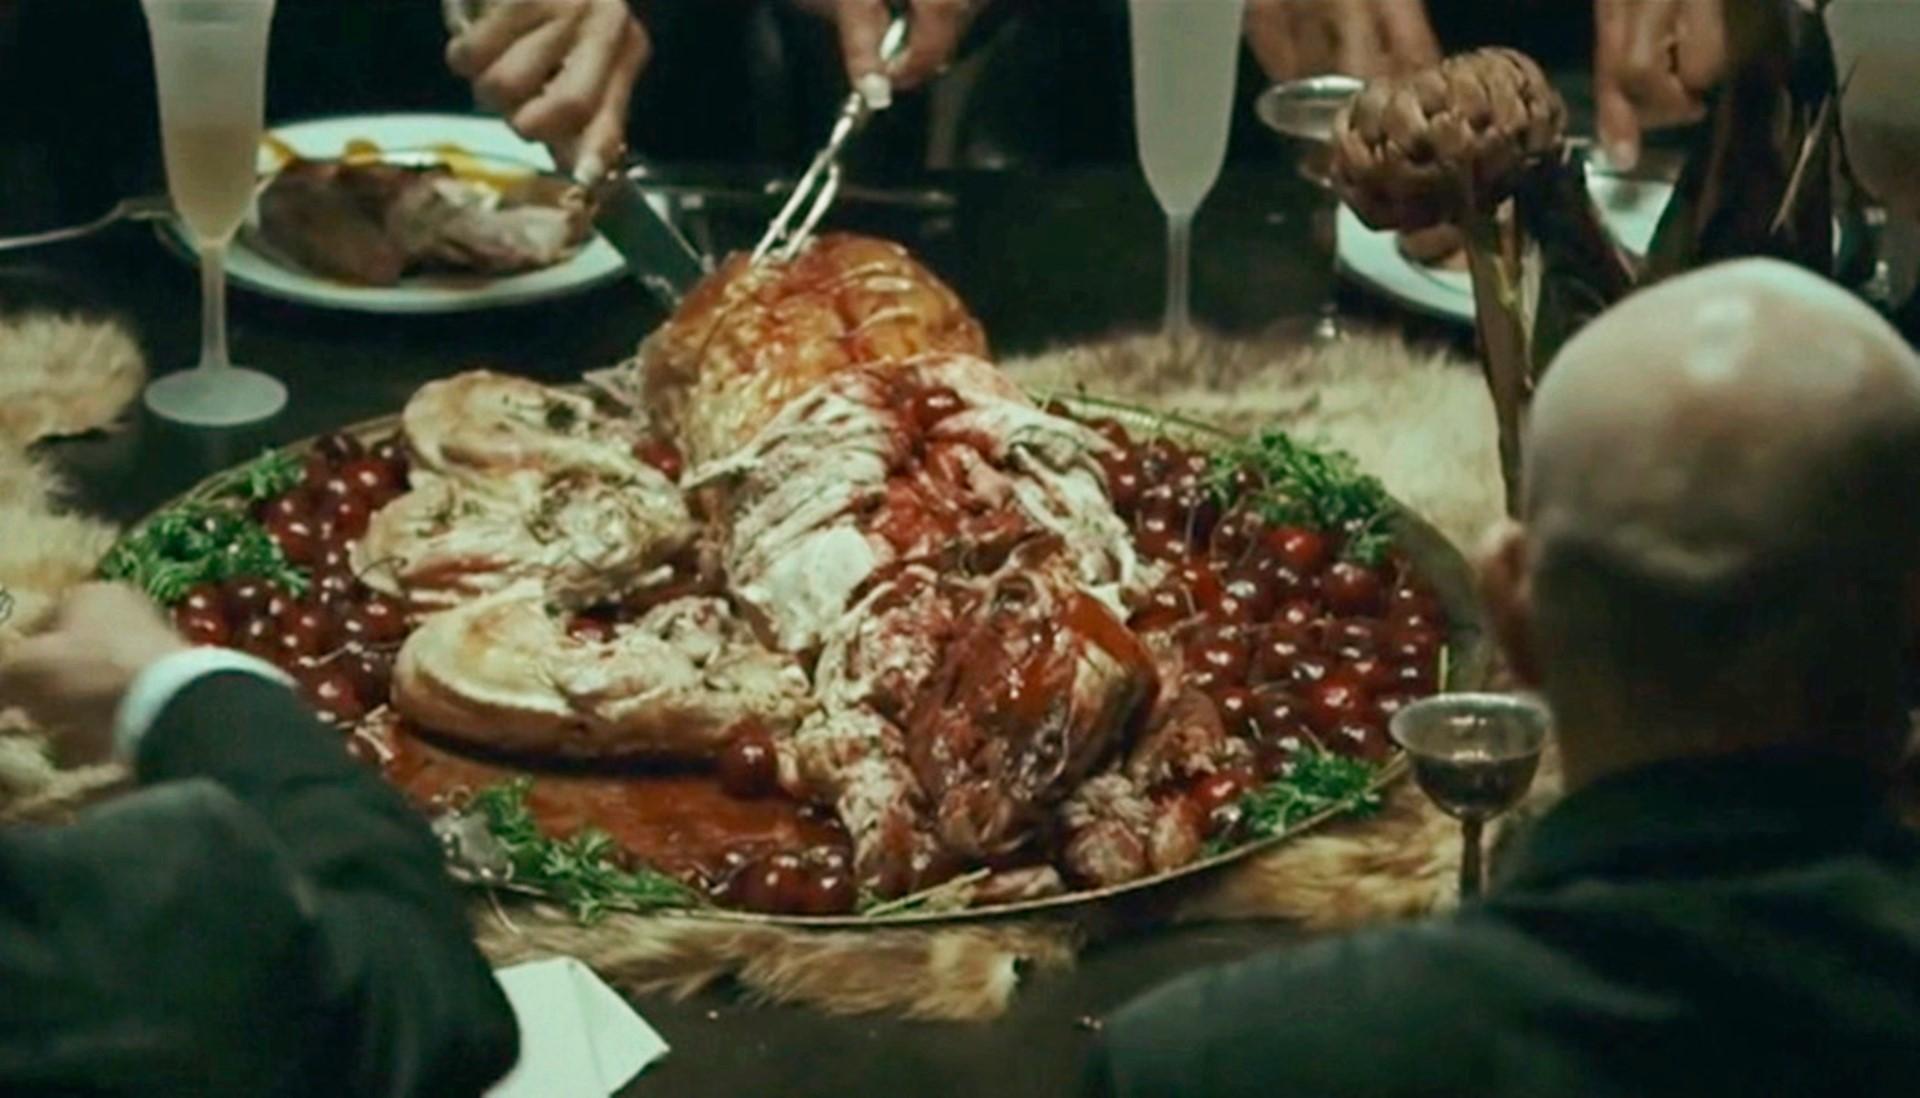 人类毫无节制地享用美食,受到大自然惩罚,最终被打入18层地狱